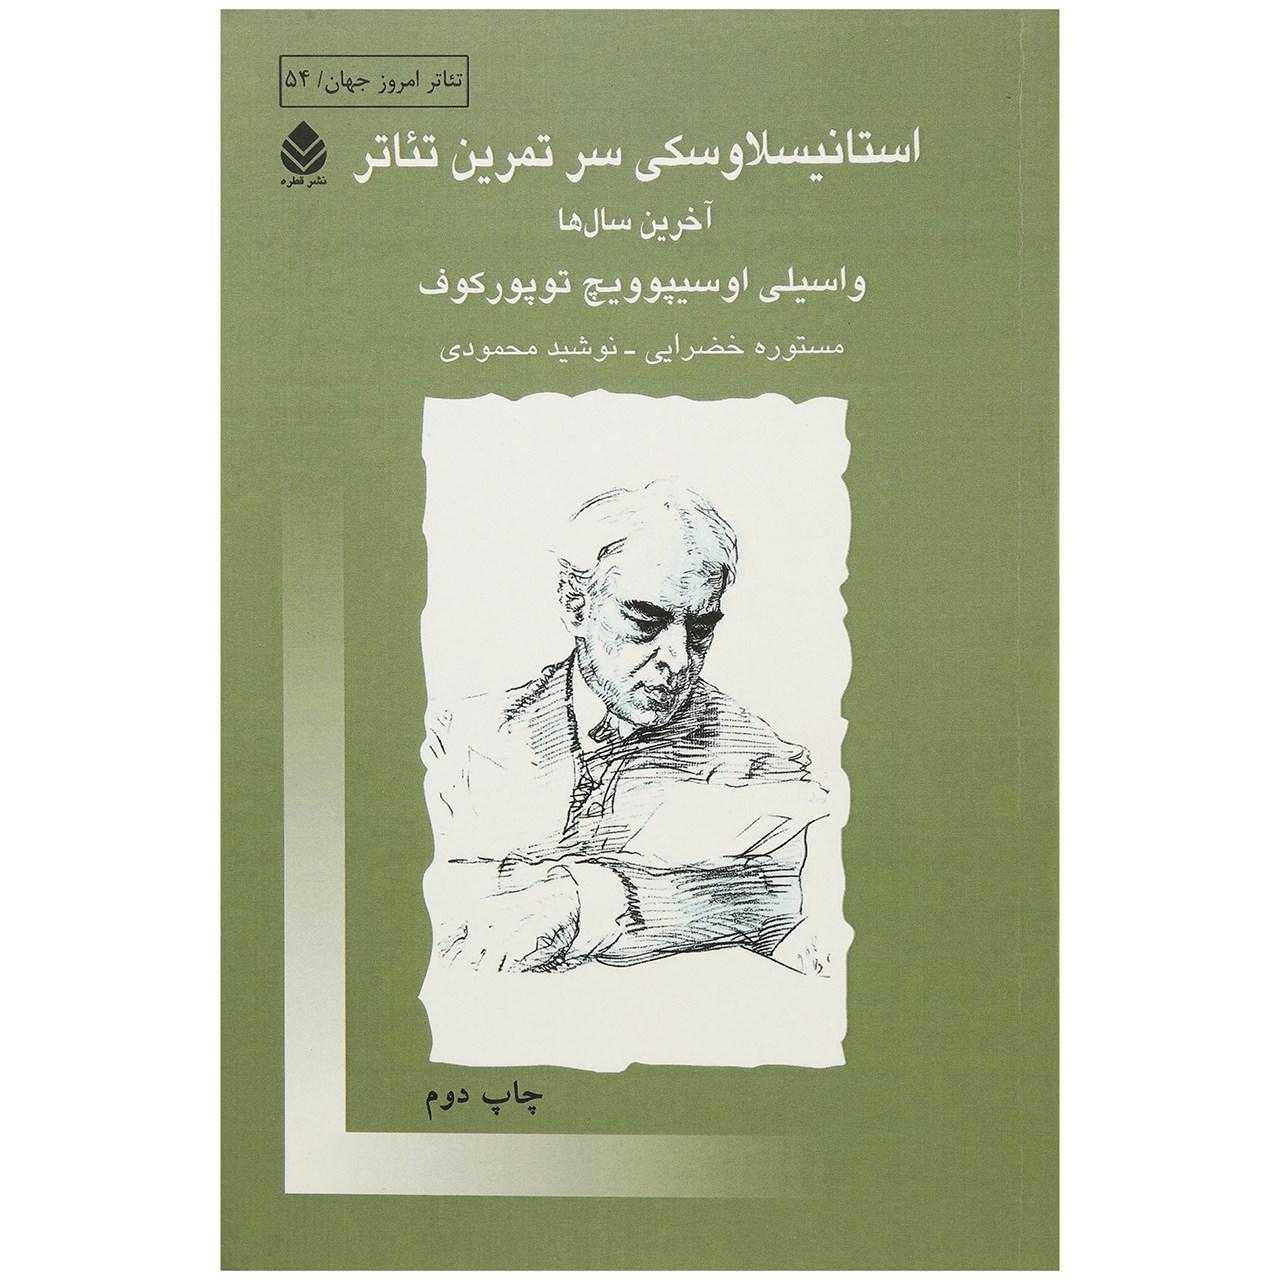 کتاب استانیسلاوسکی سر تمرین تئاتر اثر واسیلی اوسیپوویچ